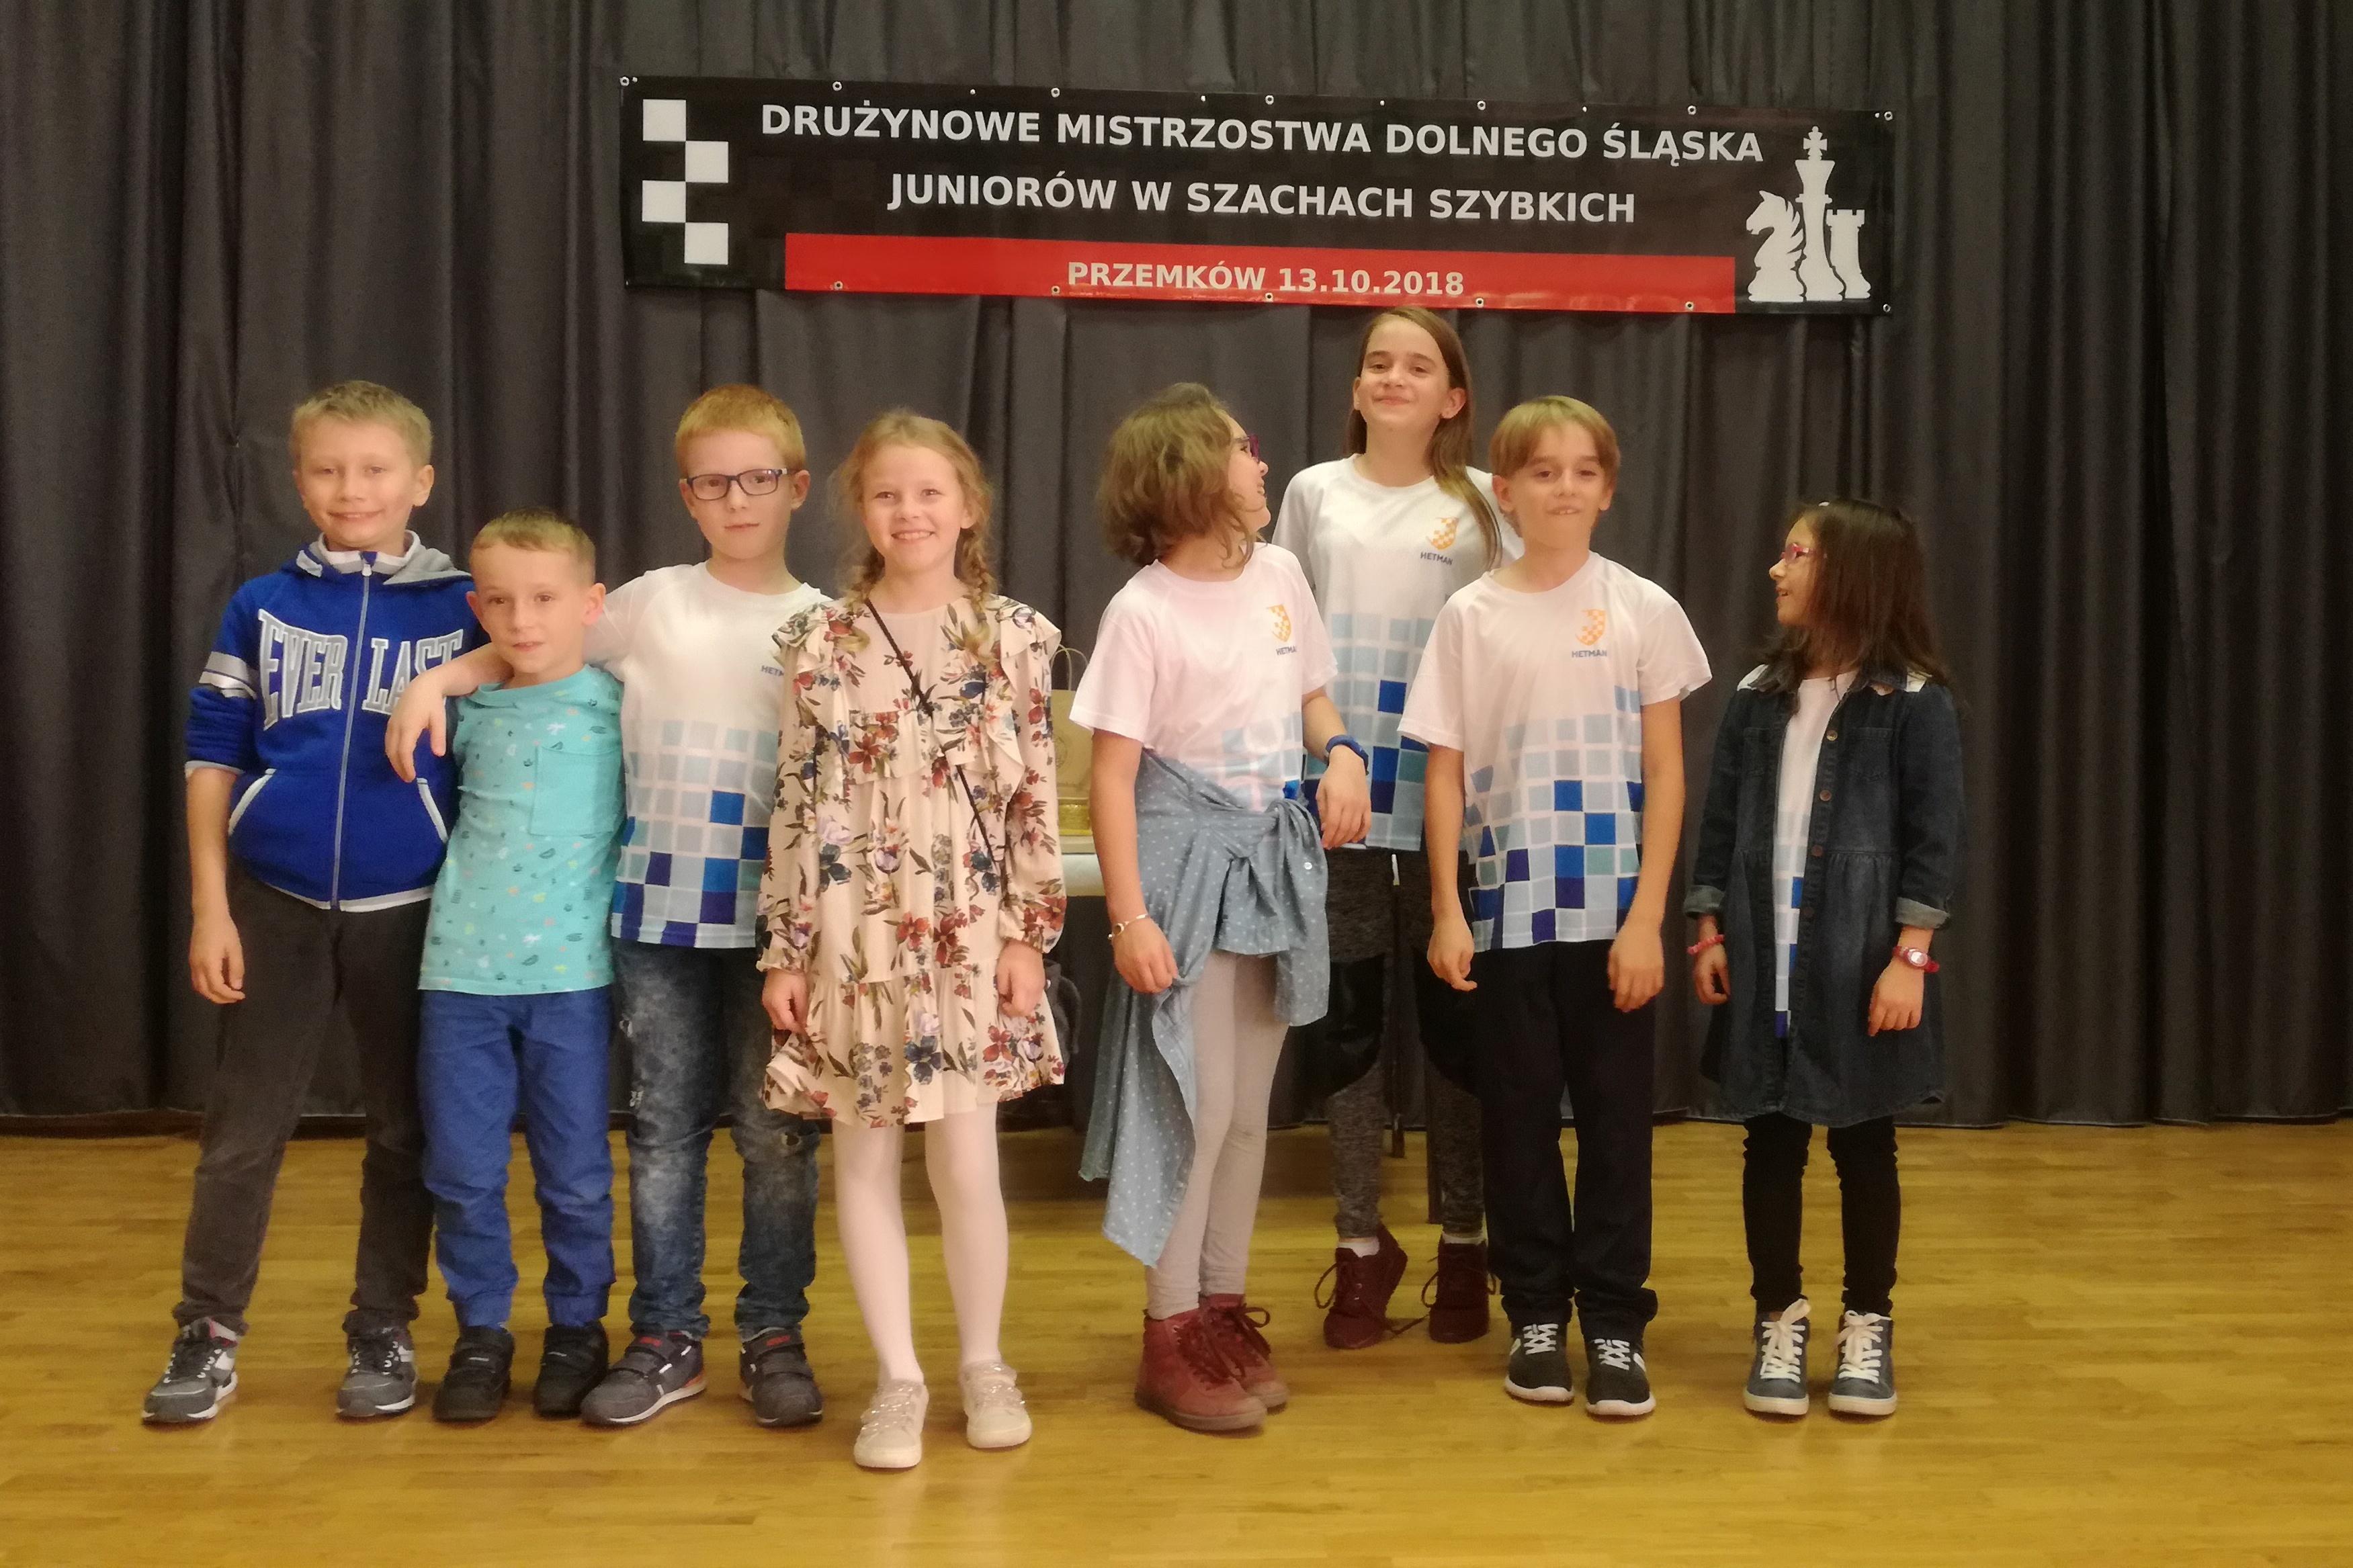 Drużynowe Mistrzostwa Dolnego Śląska Juniorów w Szachach Szybkich 2018